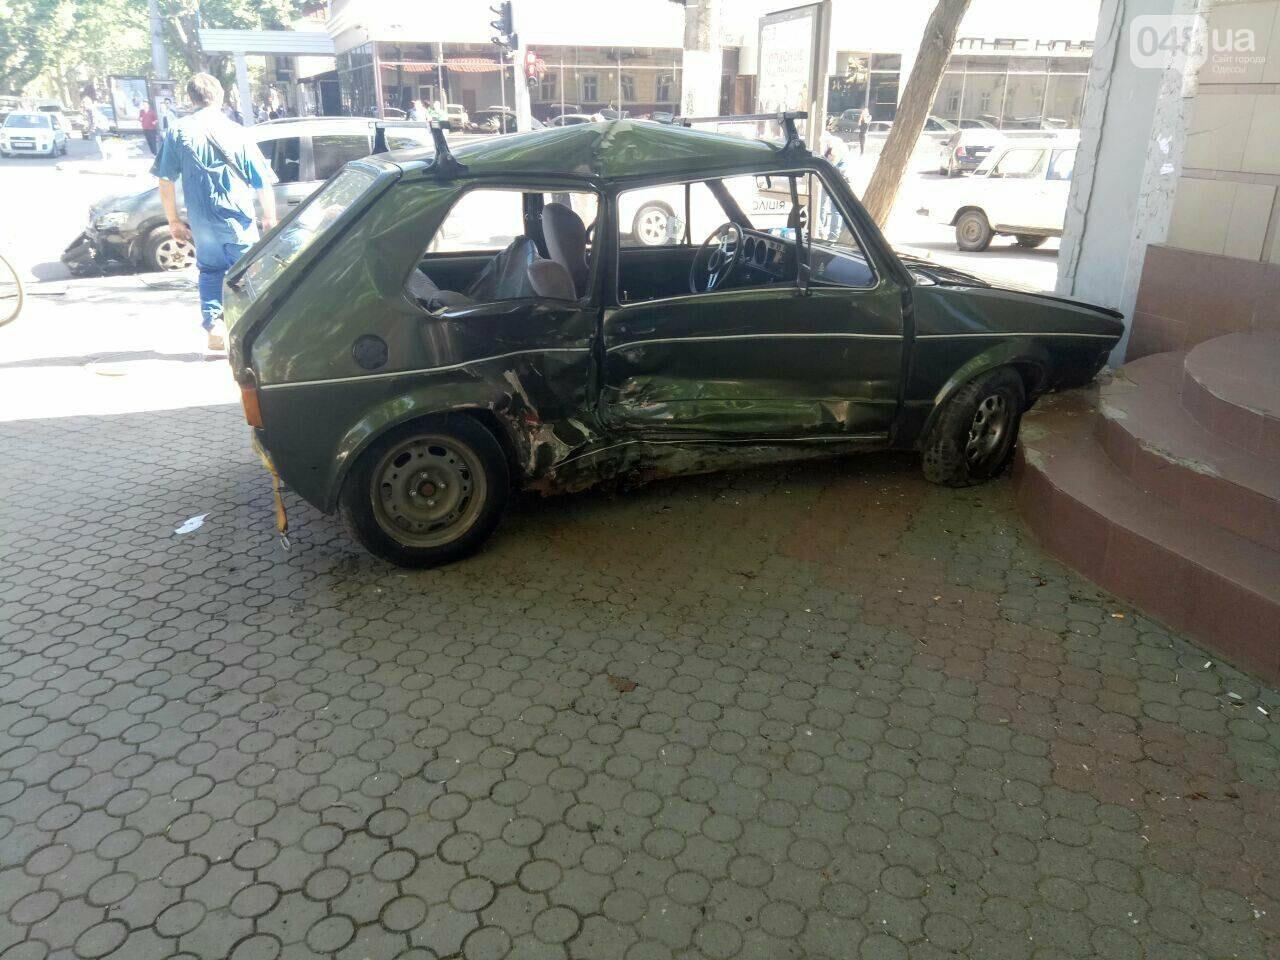 В центре Одессы иномарка врезалась в магазин, - ФОТО, фото-1